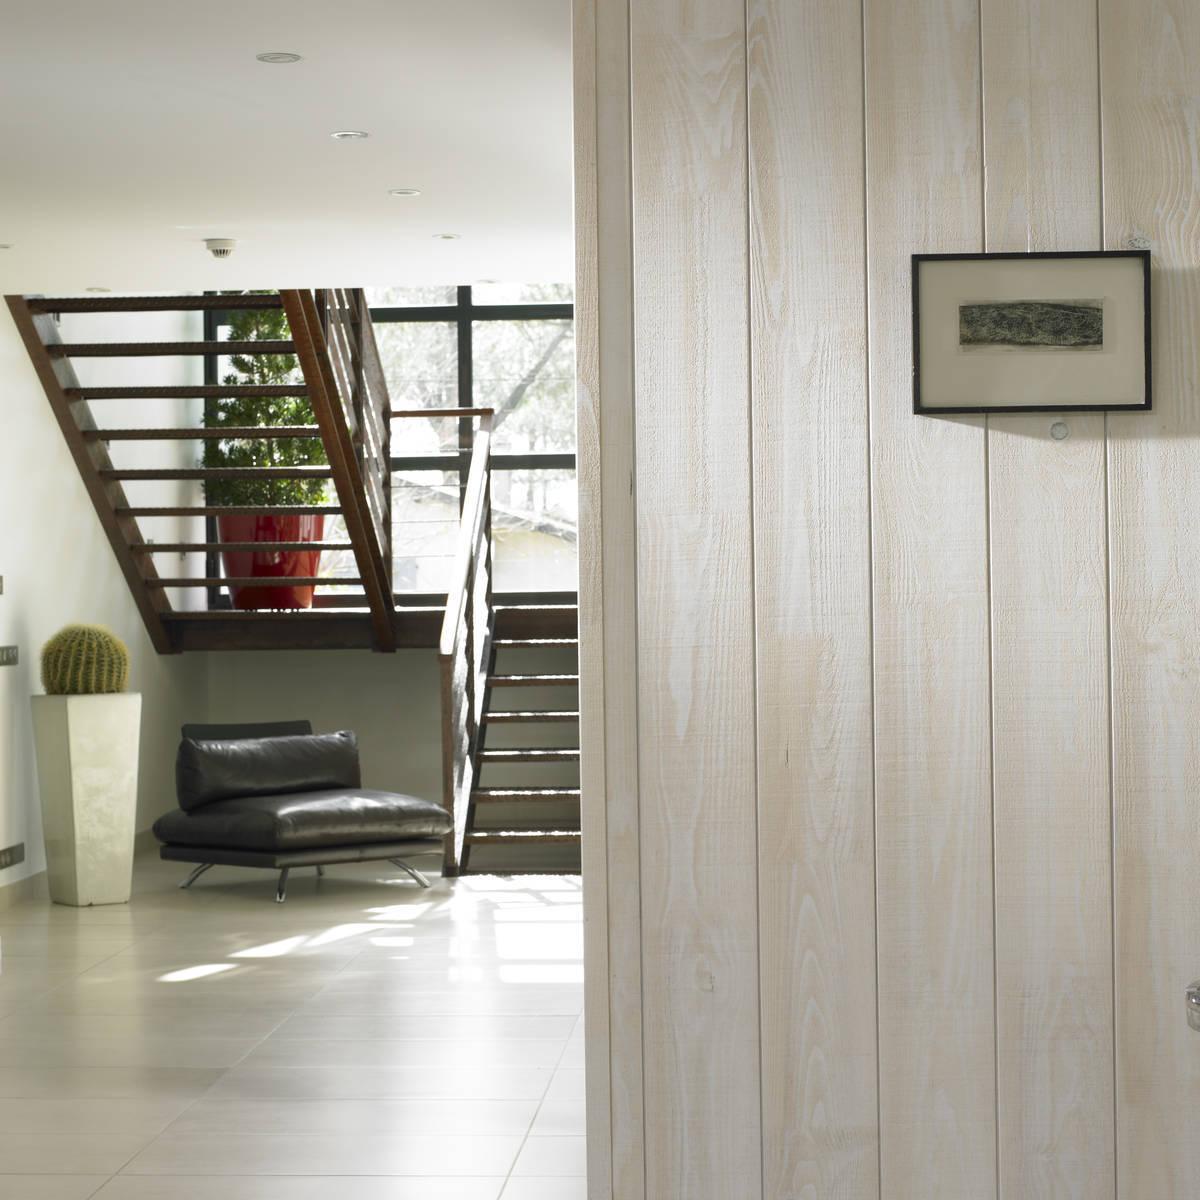 Lambris mba bois et construction durable for Application deco interieur